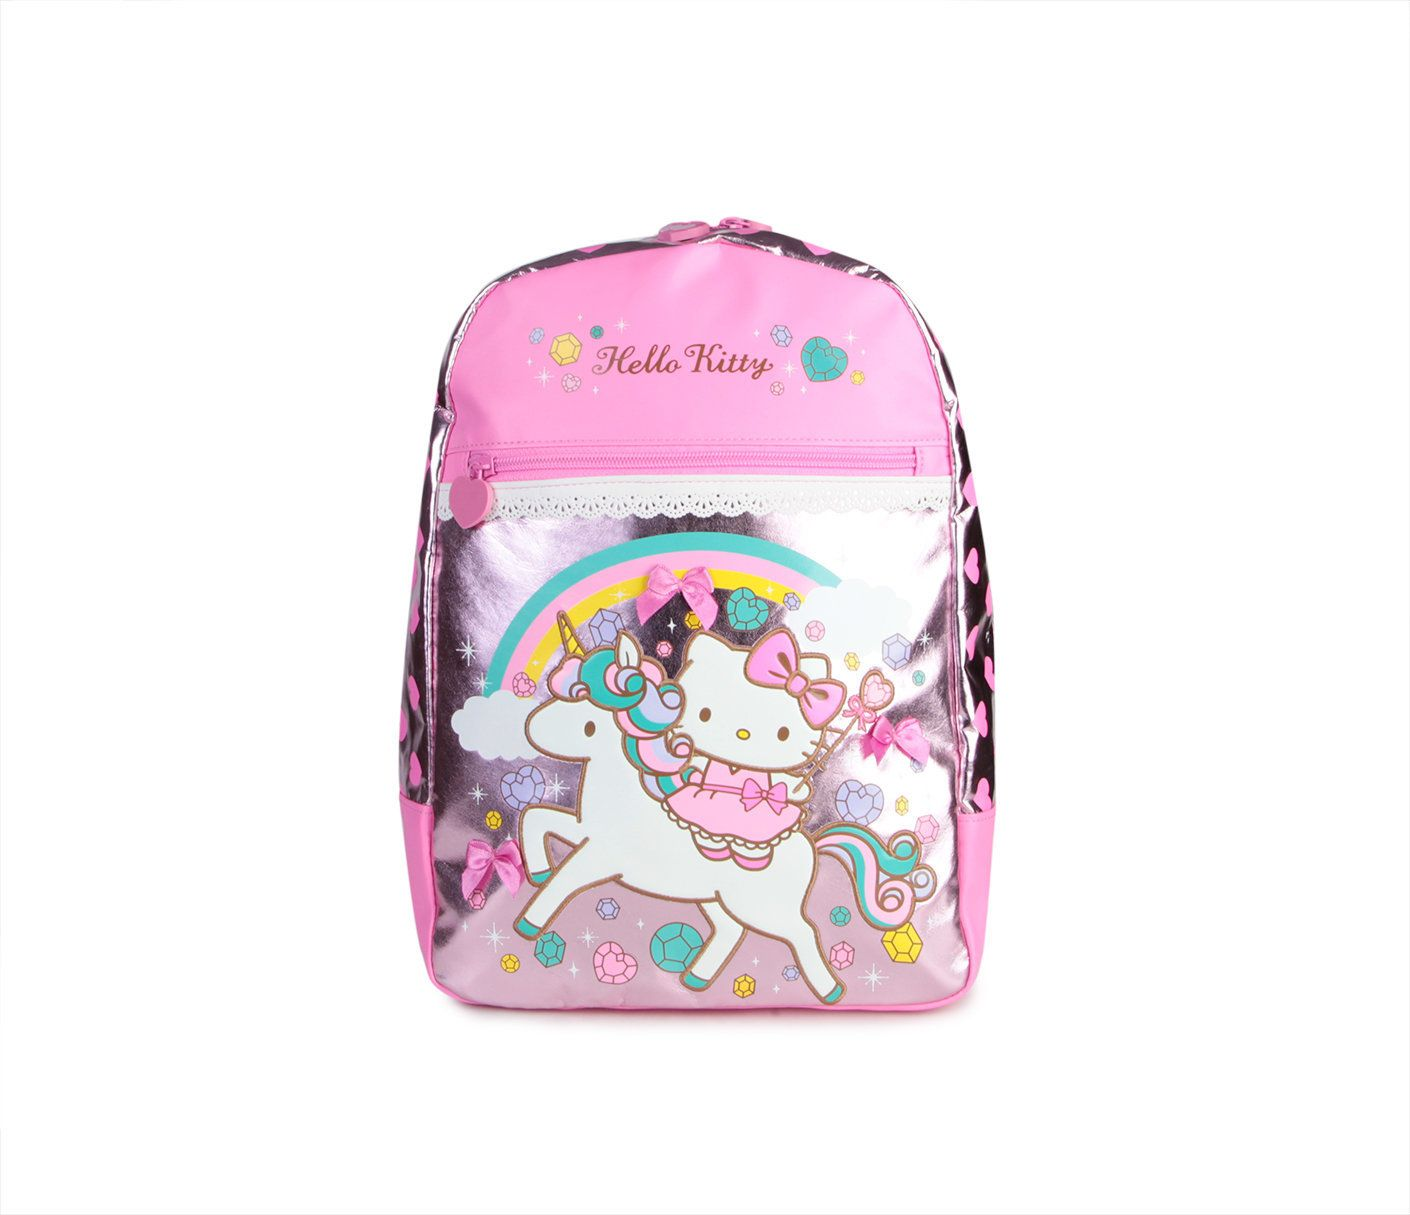 Hello Kitty Mini Backpack  Unicorn  1a3aa26270a05